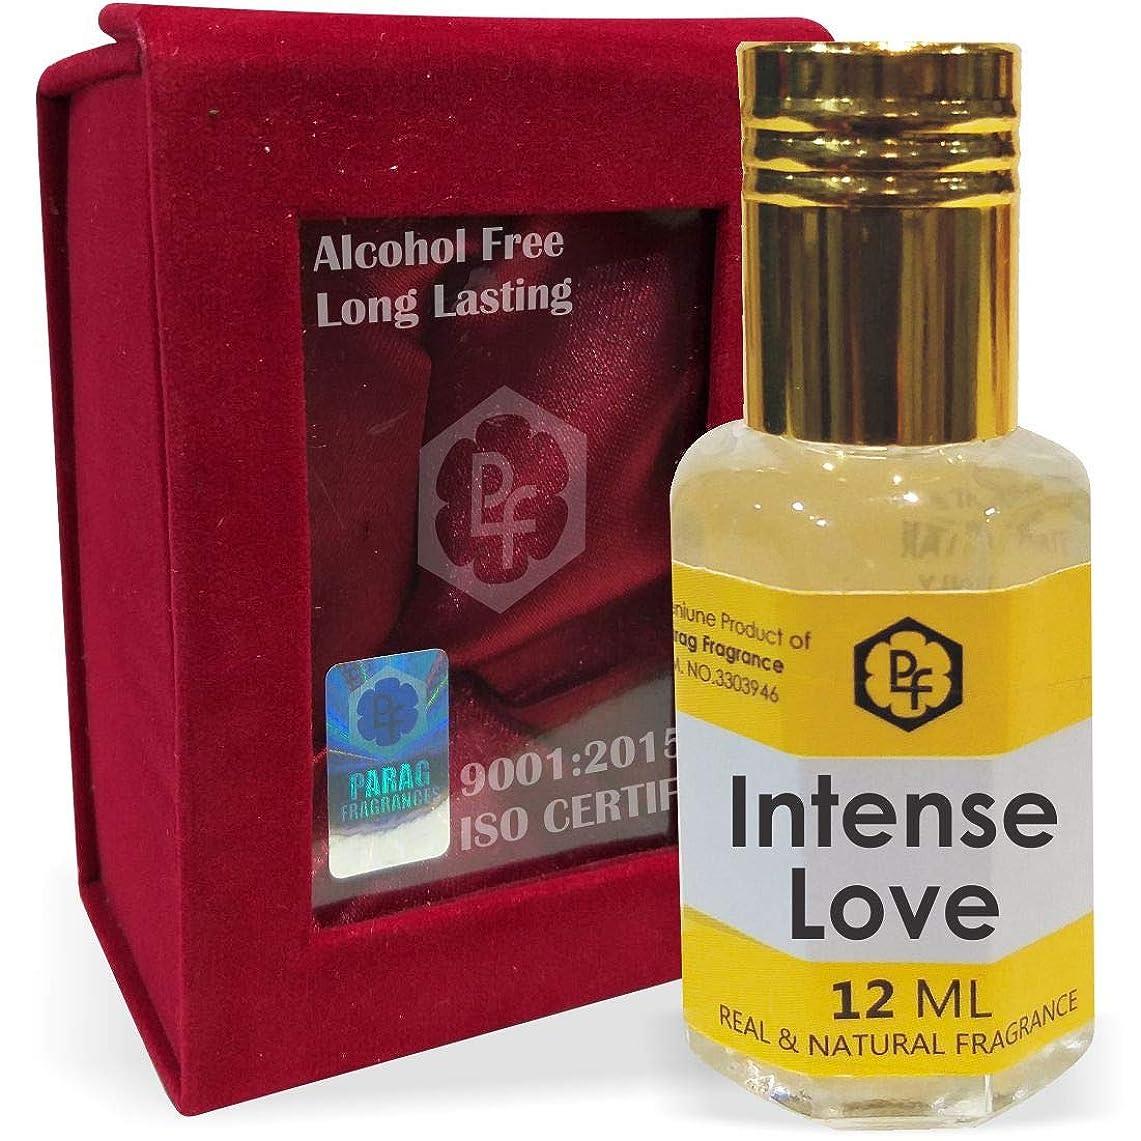 遠近法限界局Paragフレグランス手作りベルベットボックスとの激しい愛の12ミリリットルアター/香水(インドの伝統的なBhapka処理方法により、インド製)オイル/フレグランスオイル|長持ちアターITRA最高の品質